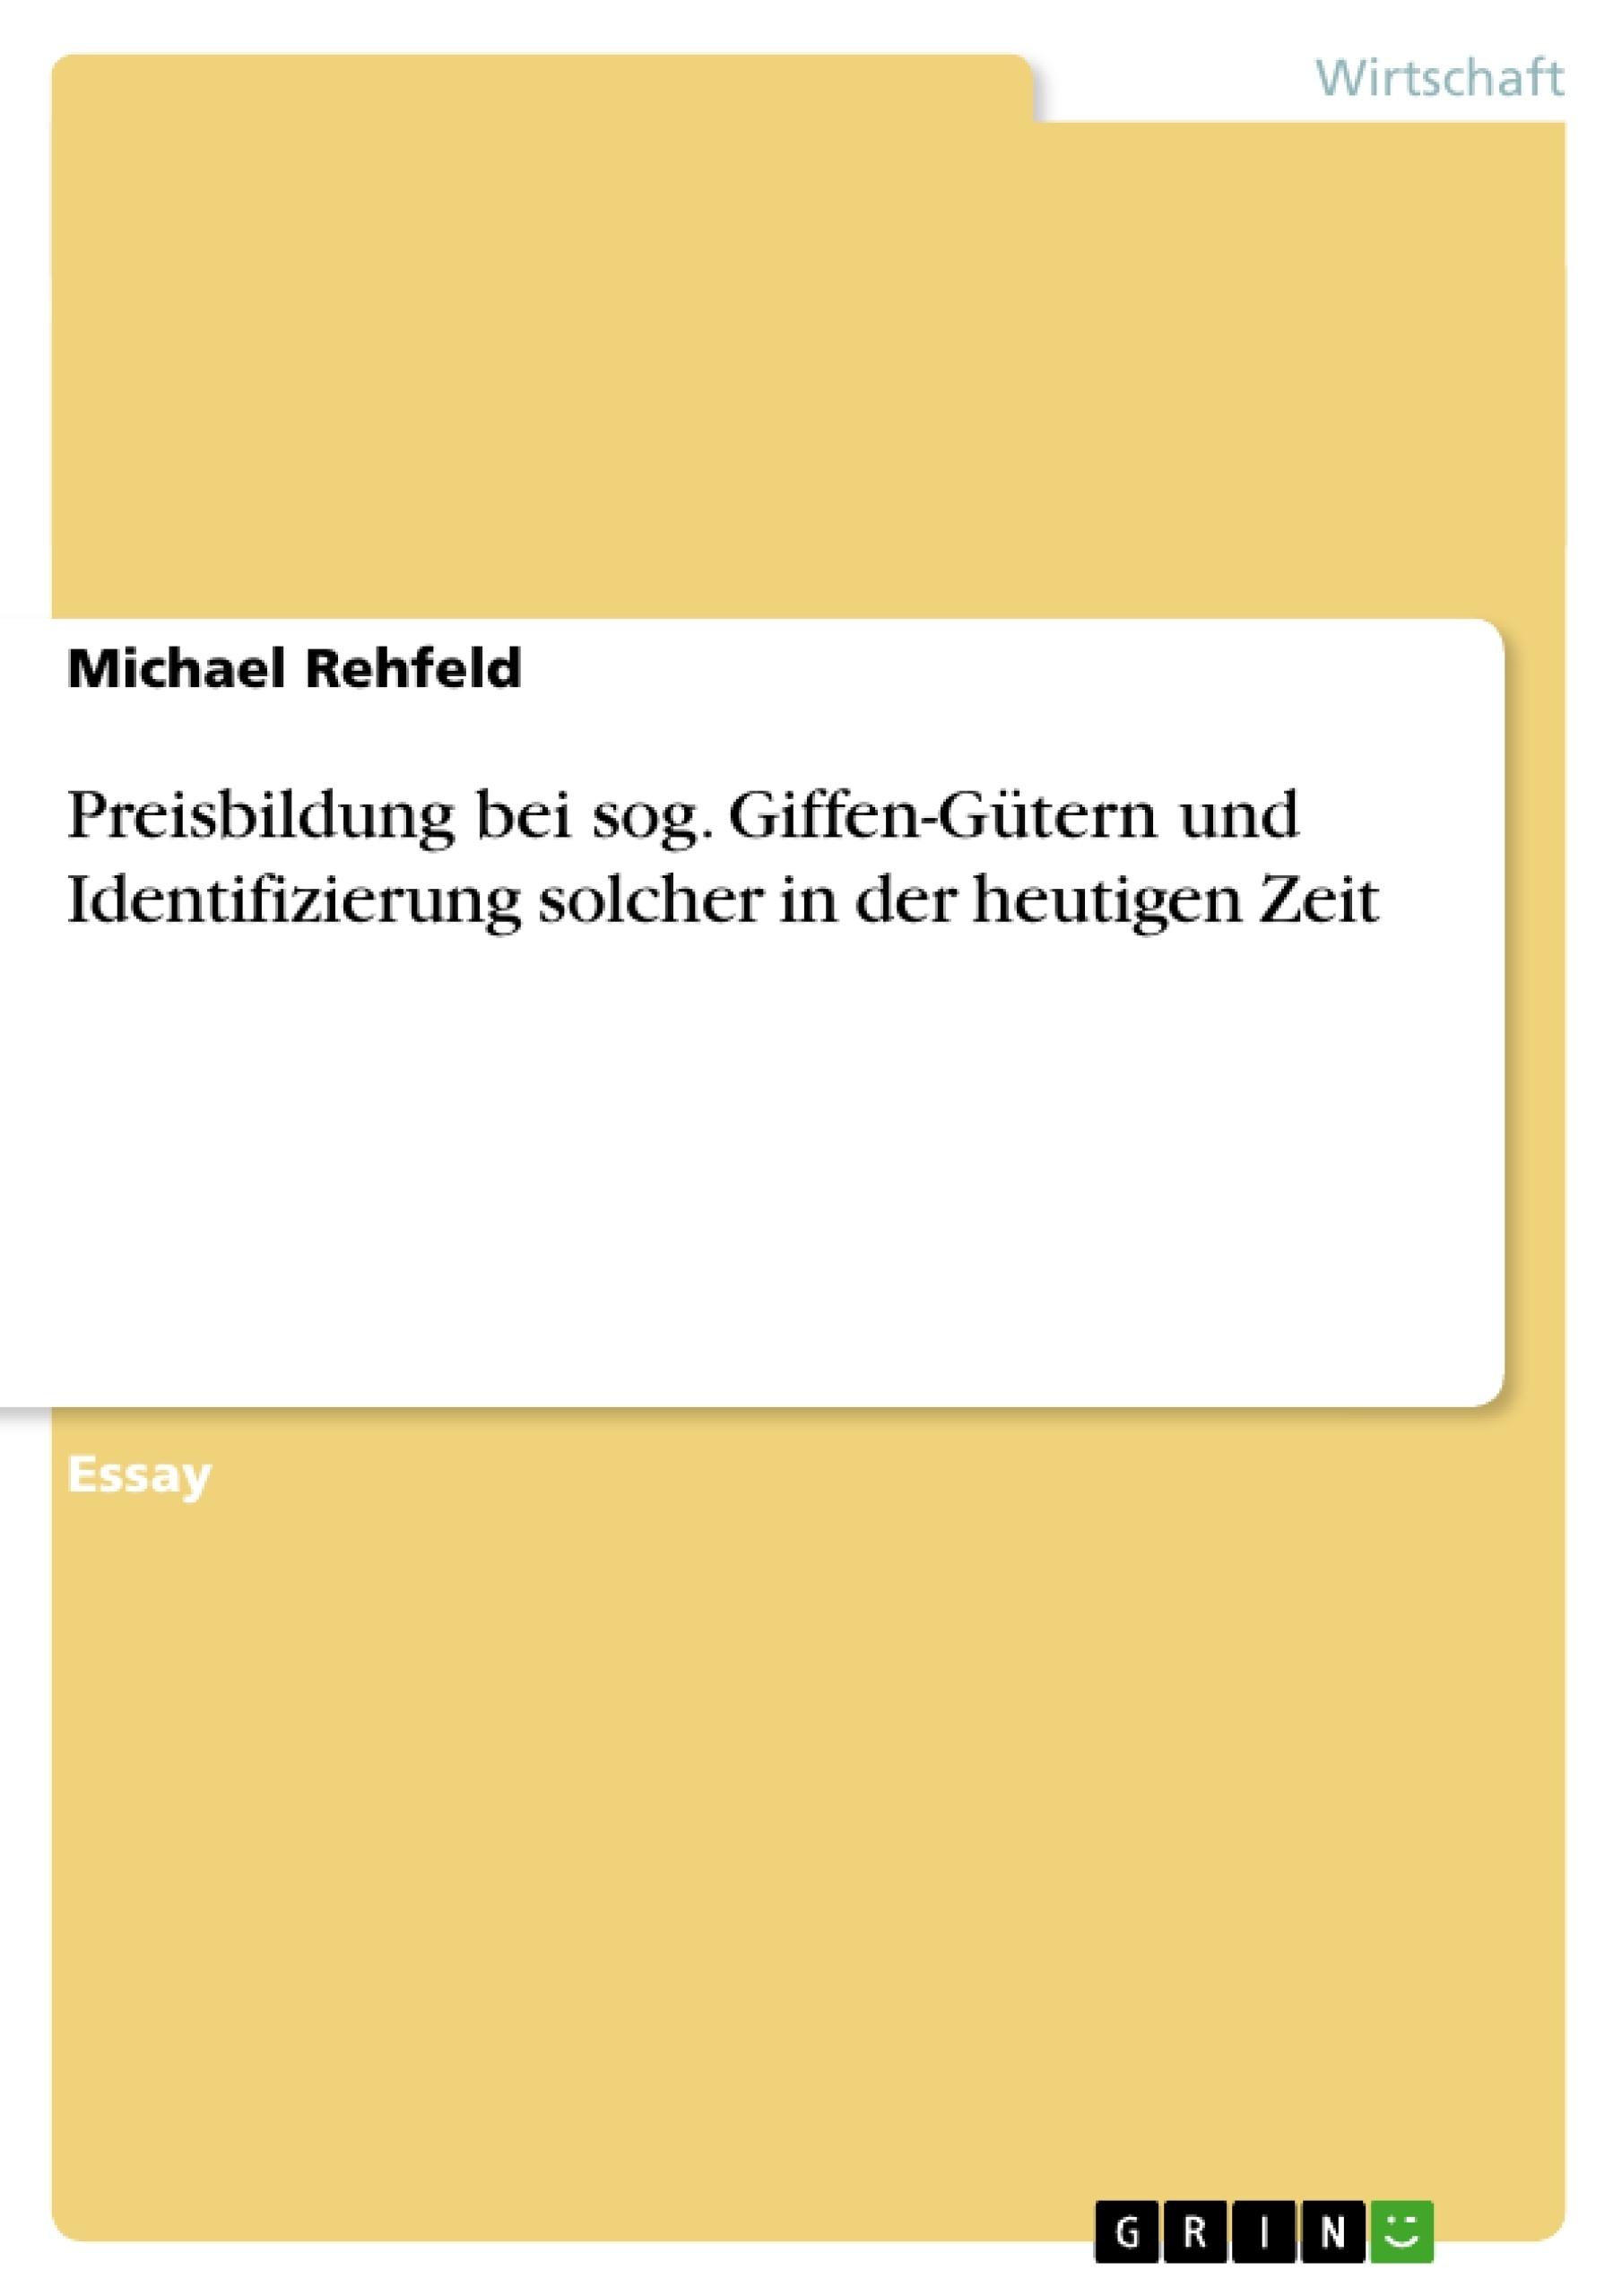 Titel: Preisbildung bei sog. Giffen-Gütern und Identifizierung solcher in der heutigen Zeit